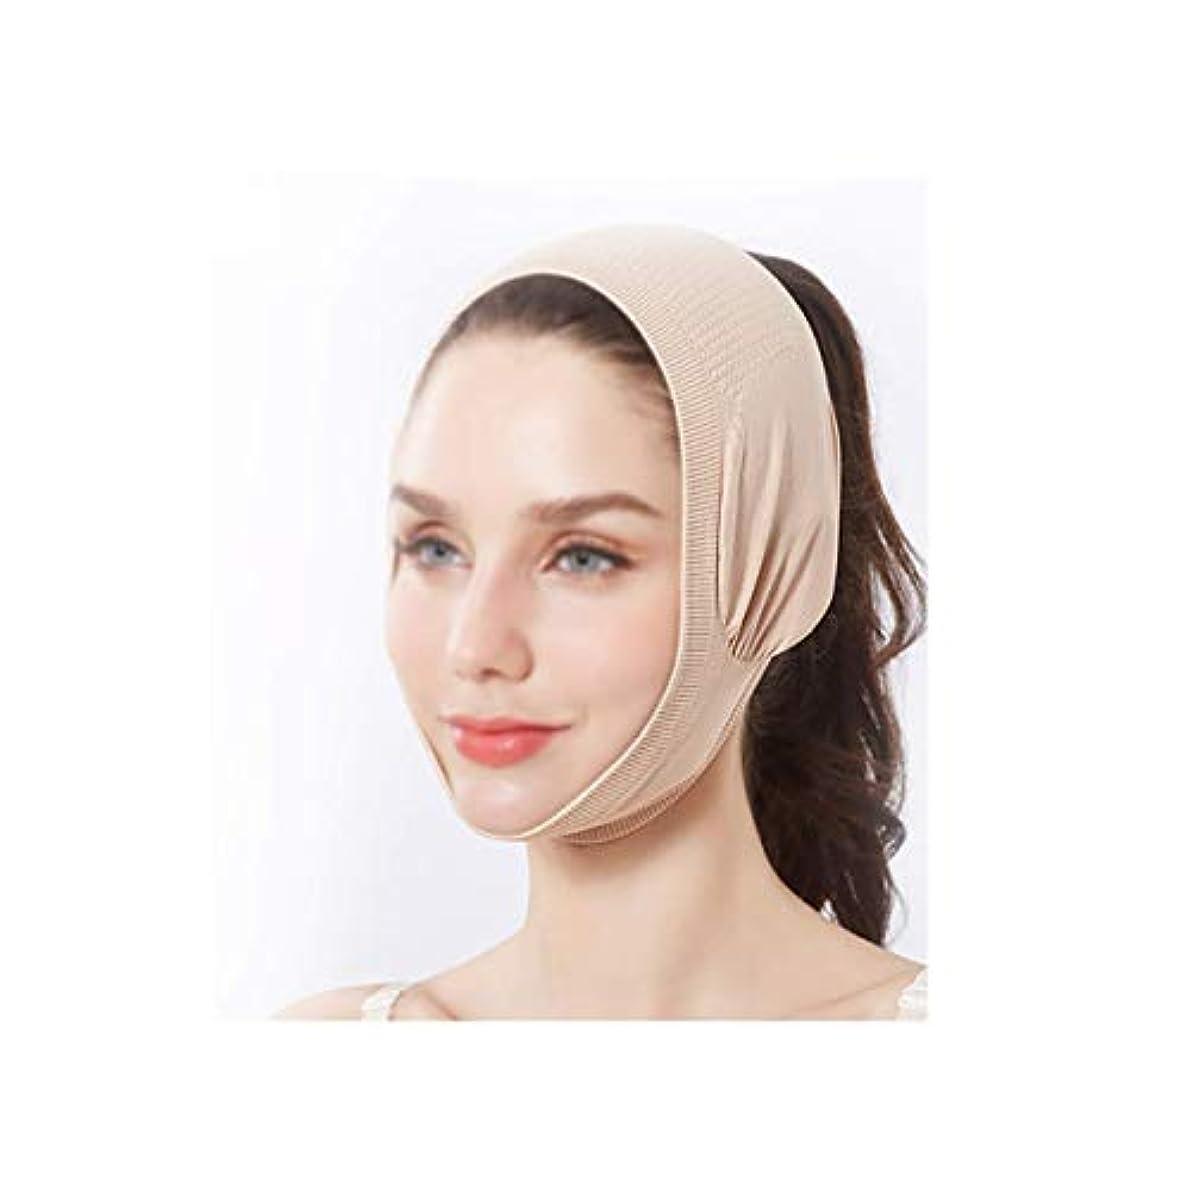 医療過誤ライフルタヒチフェイスリフトマスク、フェイシャルマスクエクステンション強度フェイスレス包帯バンディオンフェイスラージVラインカービングフェイスバックカバーネックストラップ(カラー:肌の色)